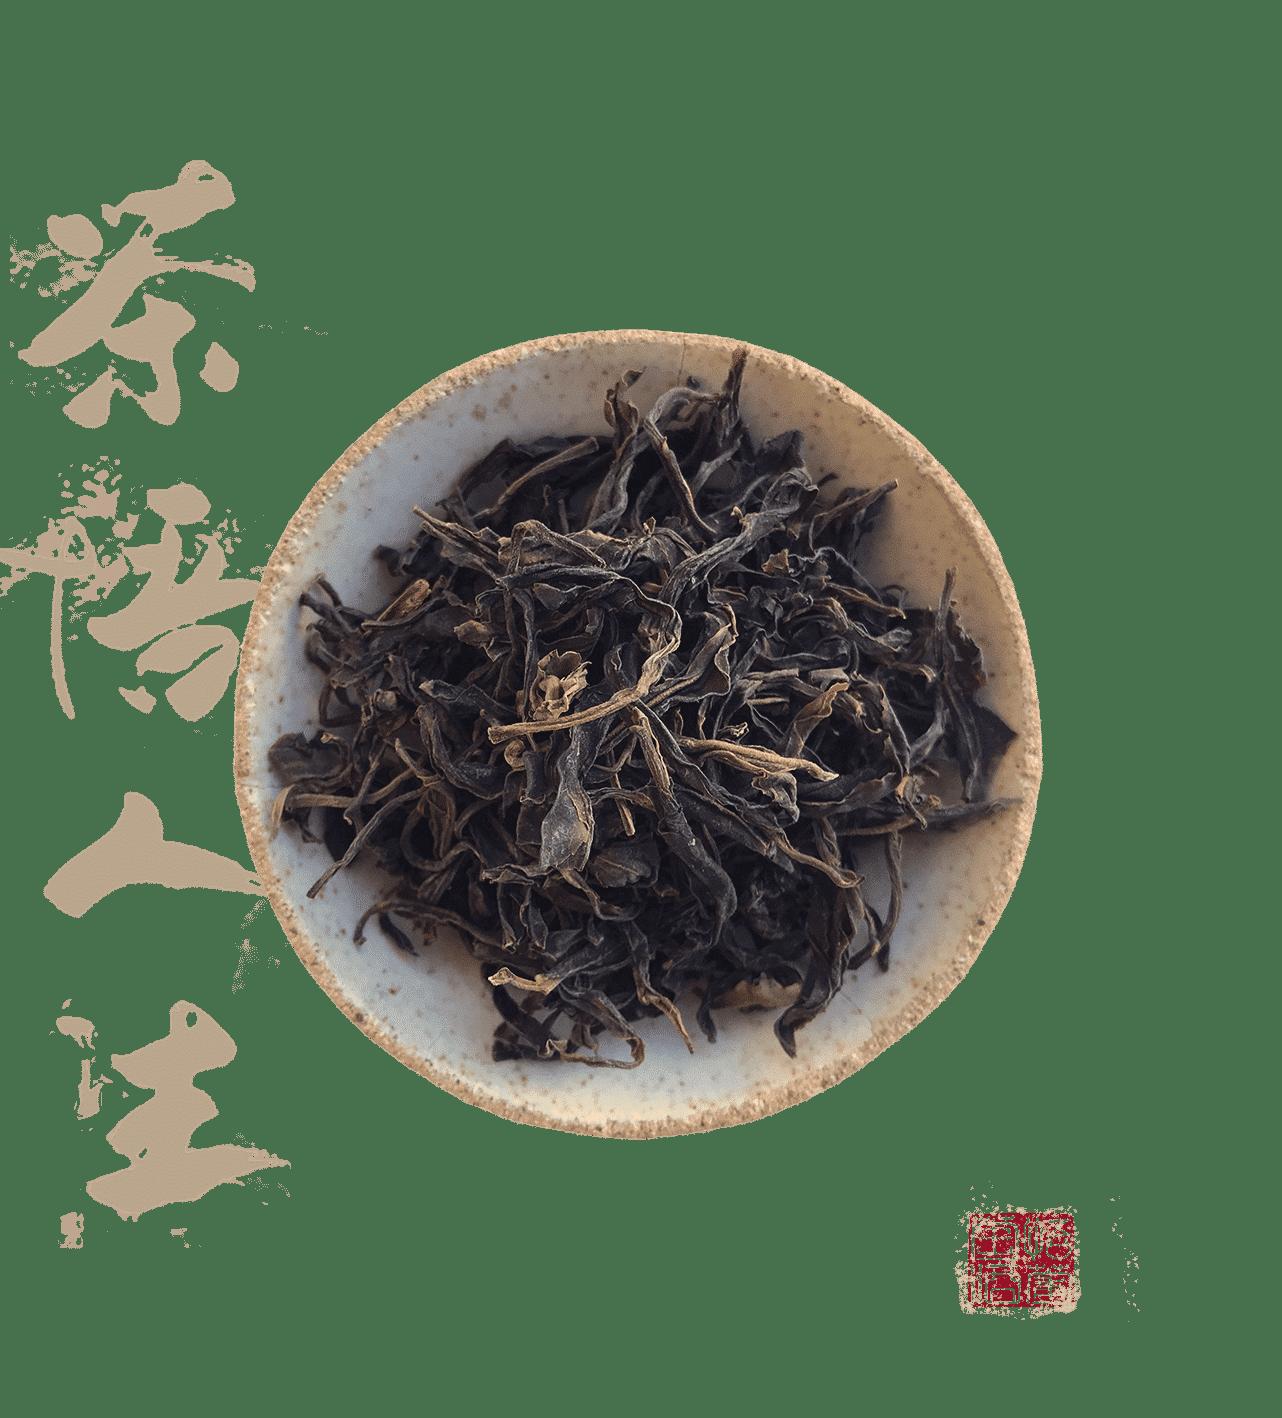 Feng qing vieux abres est un thé pu erh sheng